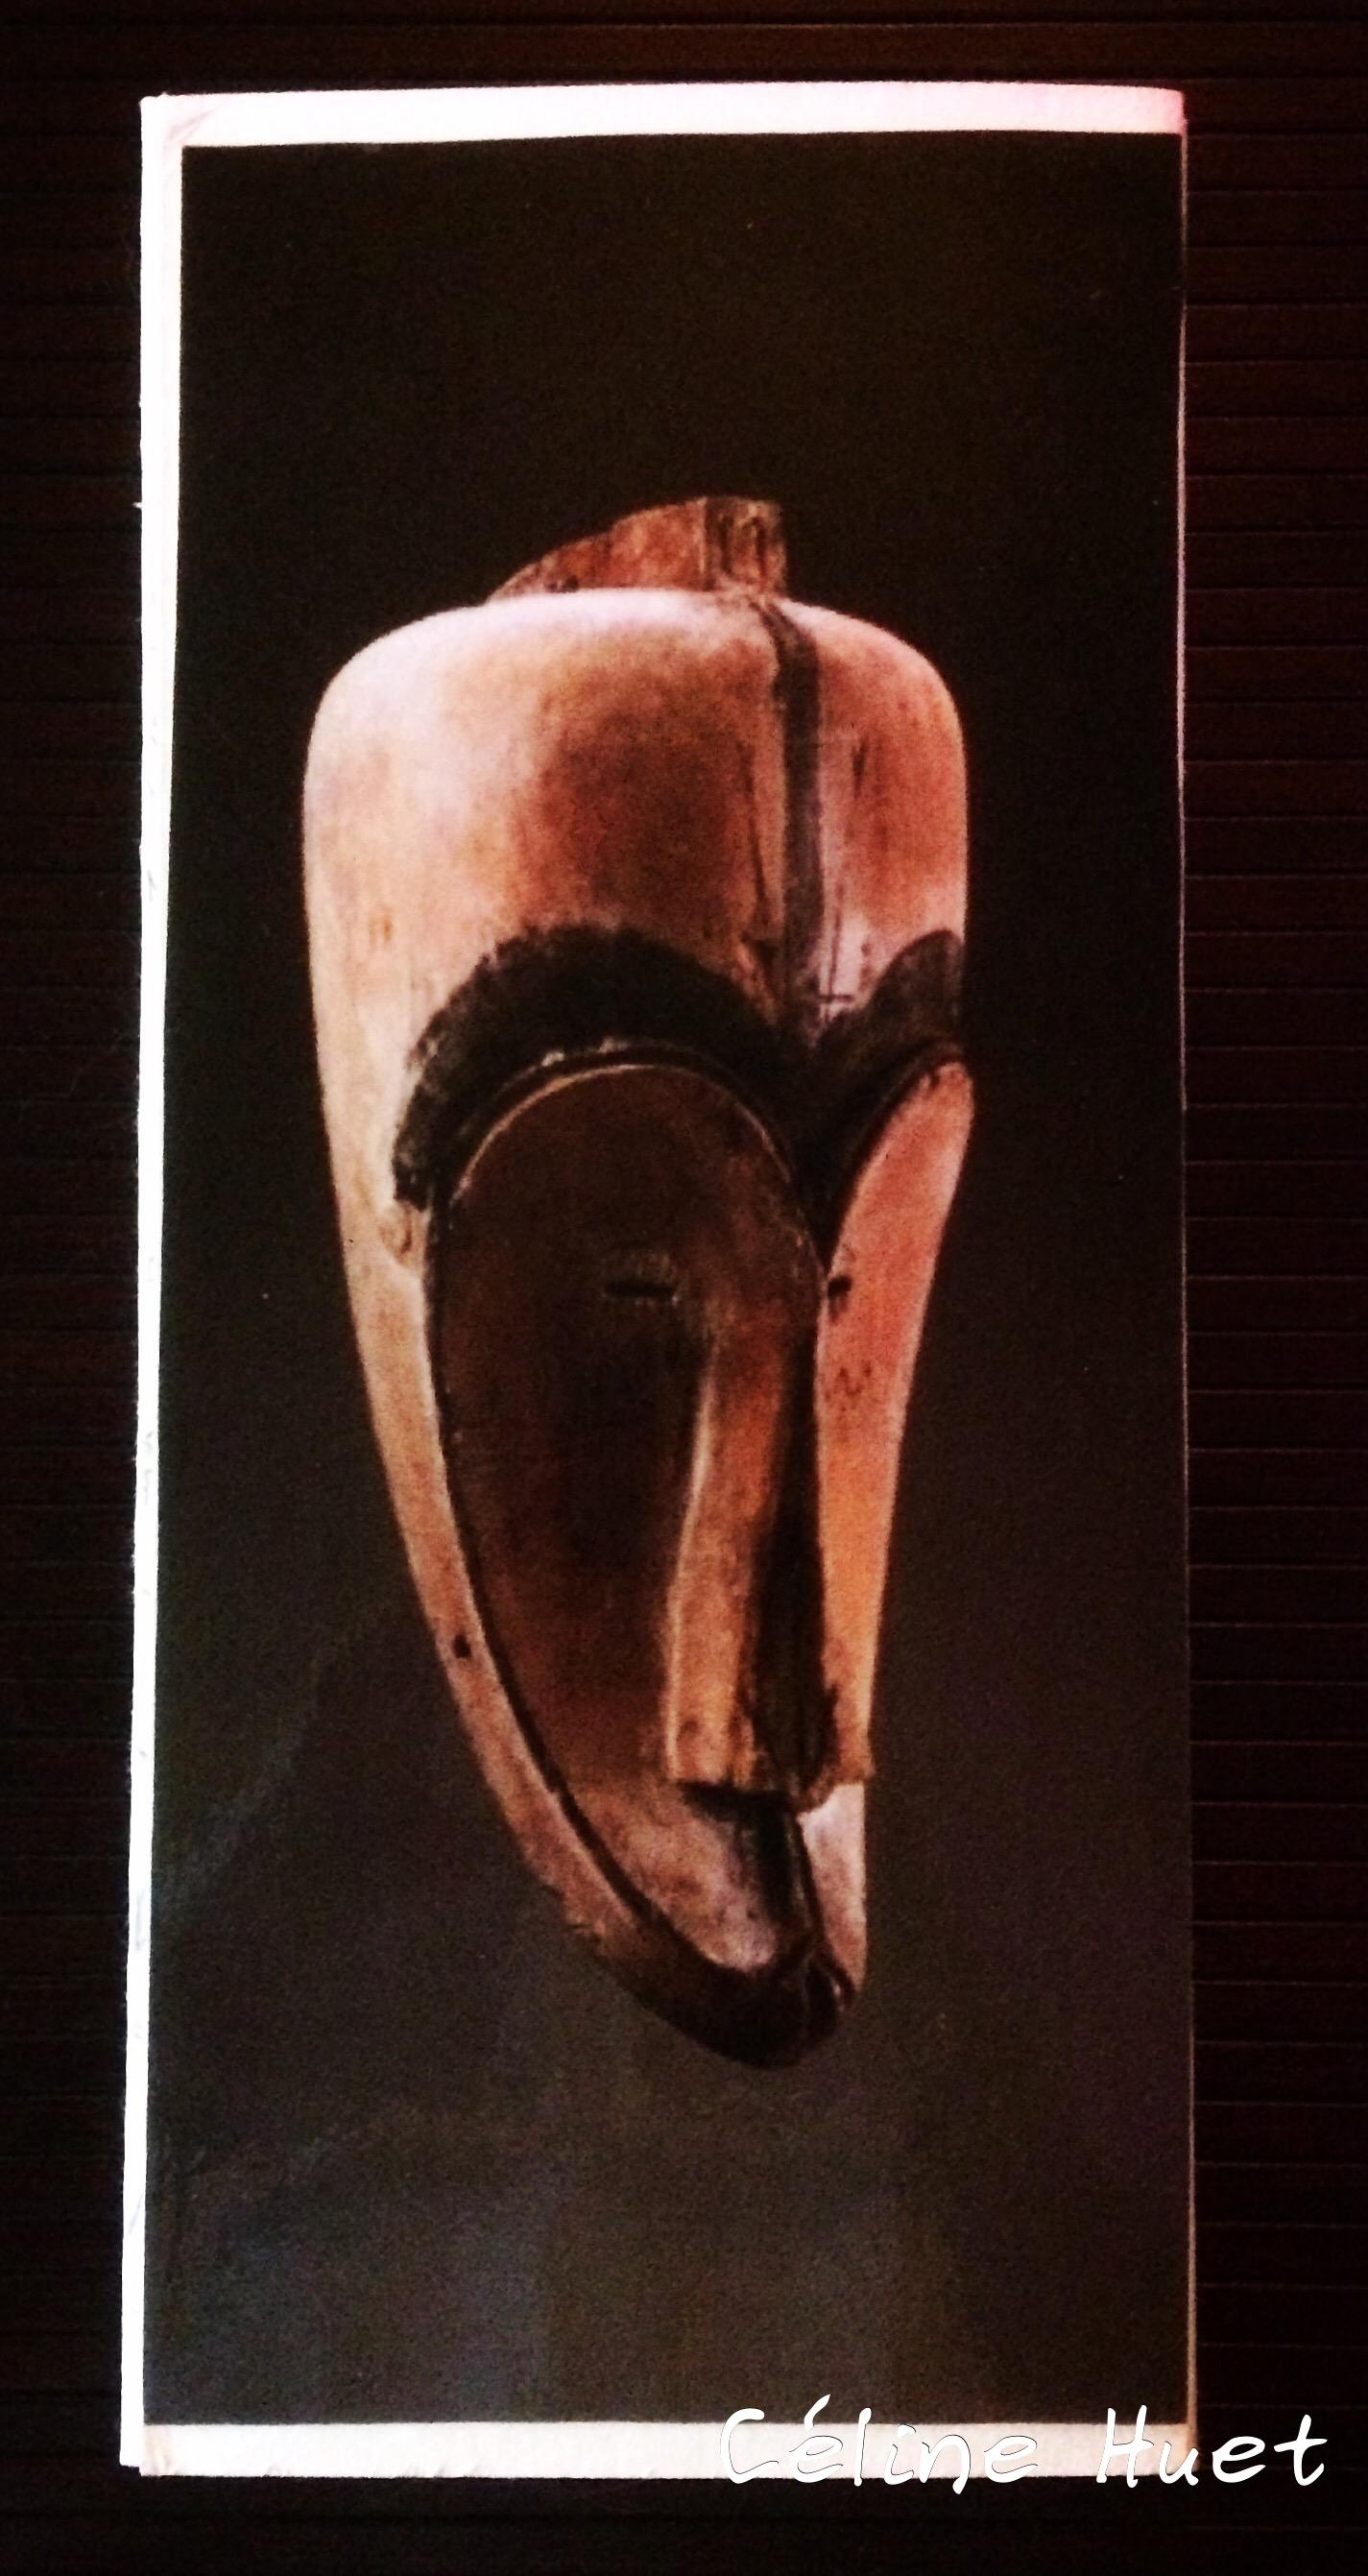 Carnet de voyage Afrique Musée Dapper Céline Huet (quatrième de couverture)